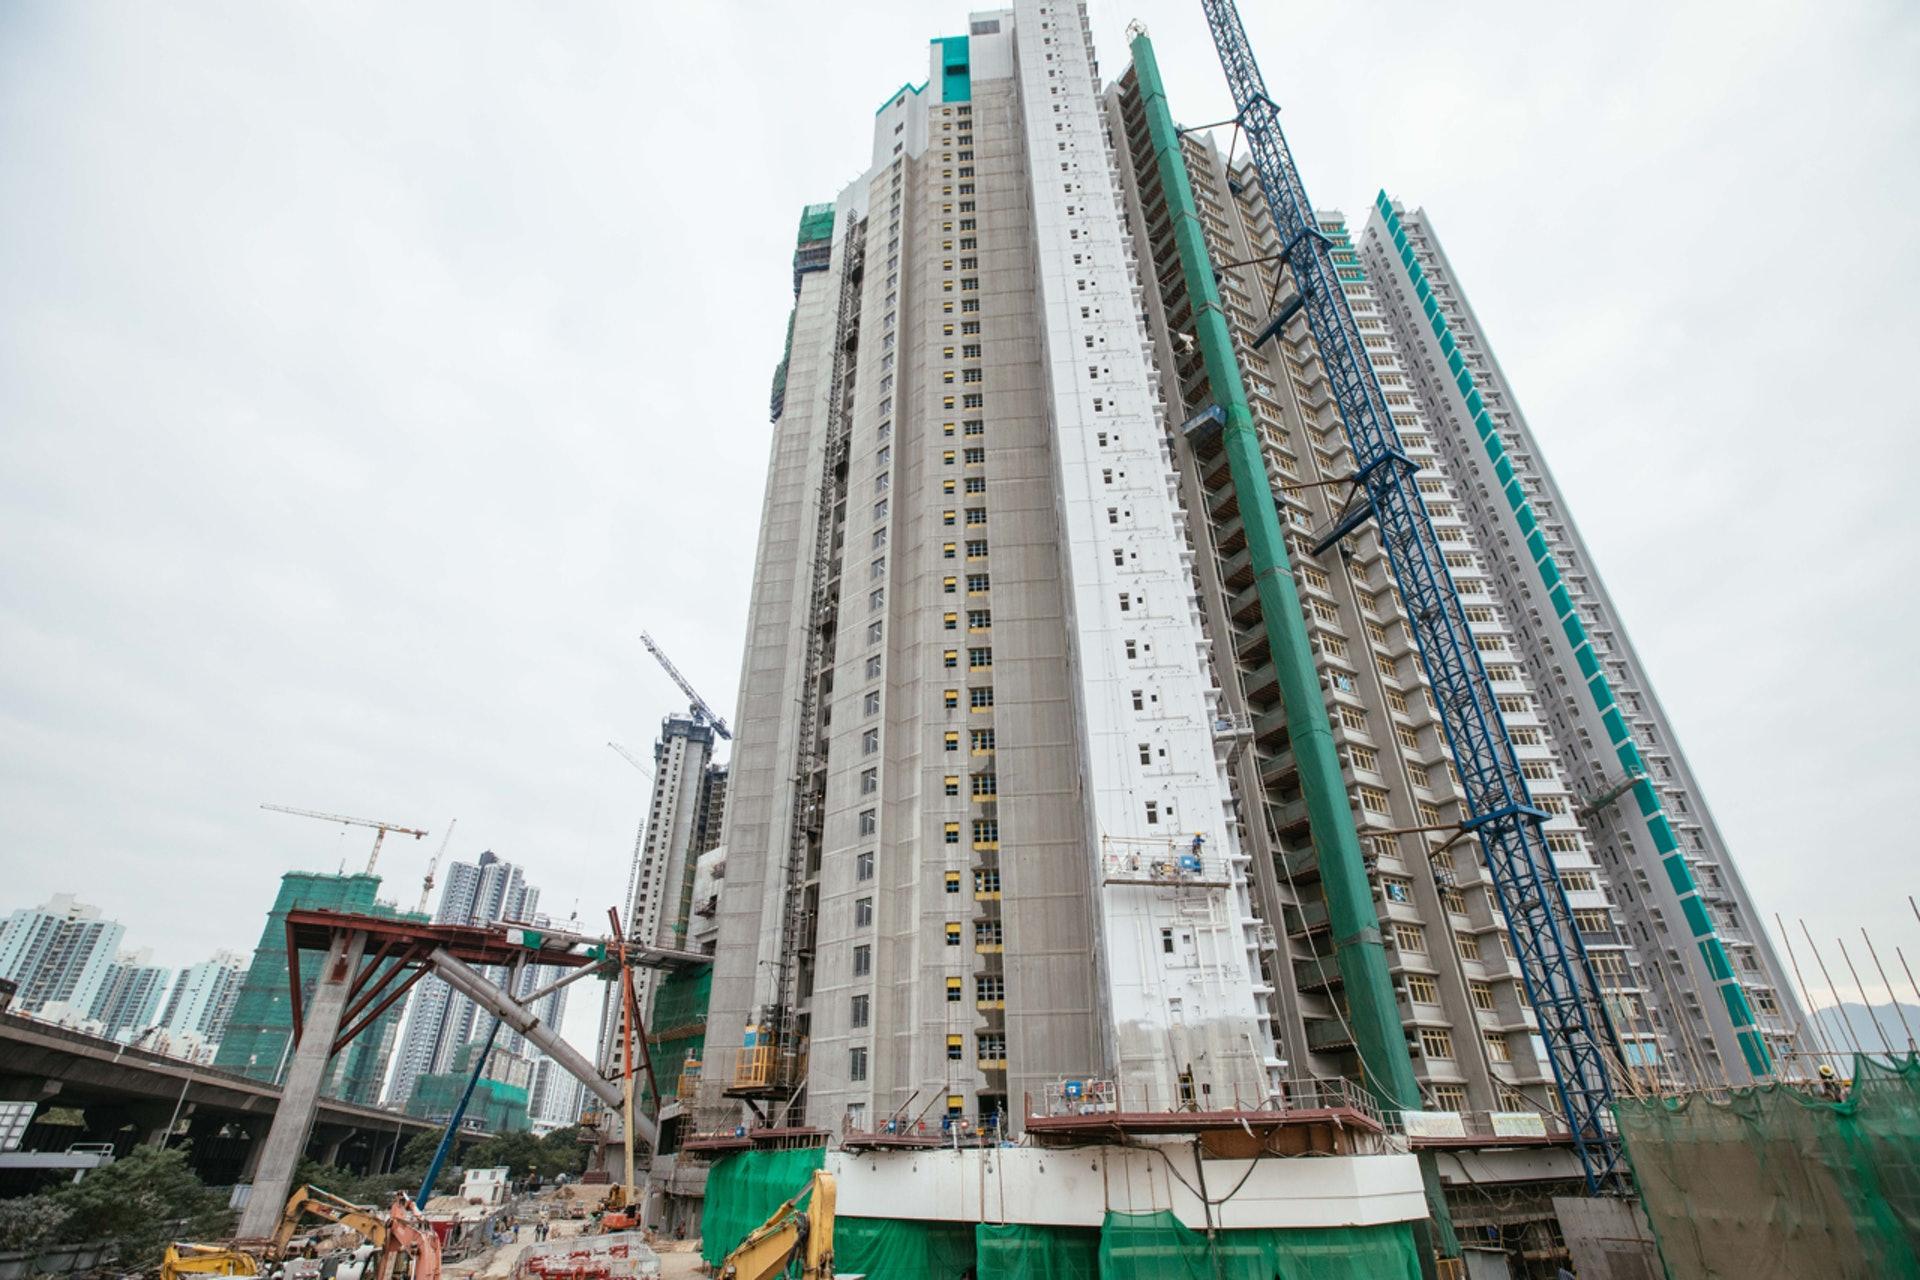 長沙灣凱樂苑提供2,522個單位,是今期居屋中最多單位的一個項目。(資料圖片 / 盧翊銘攝)